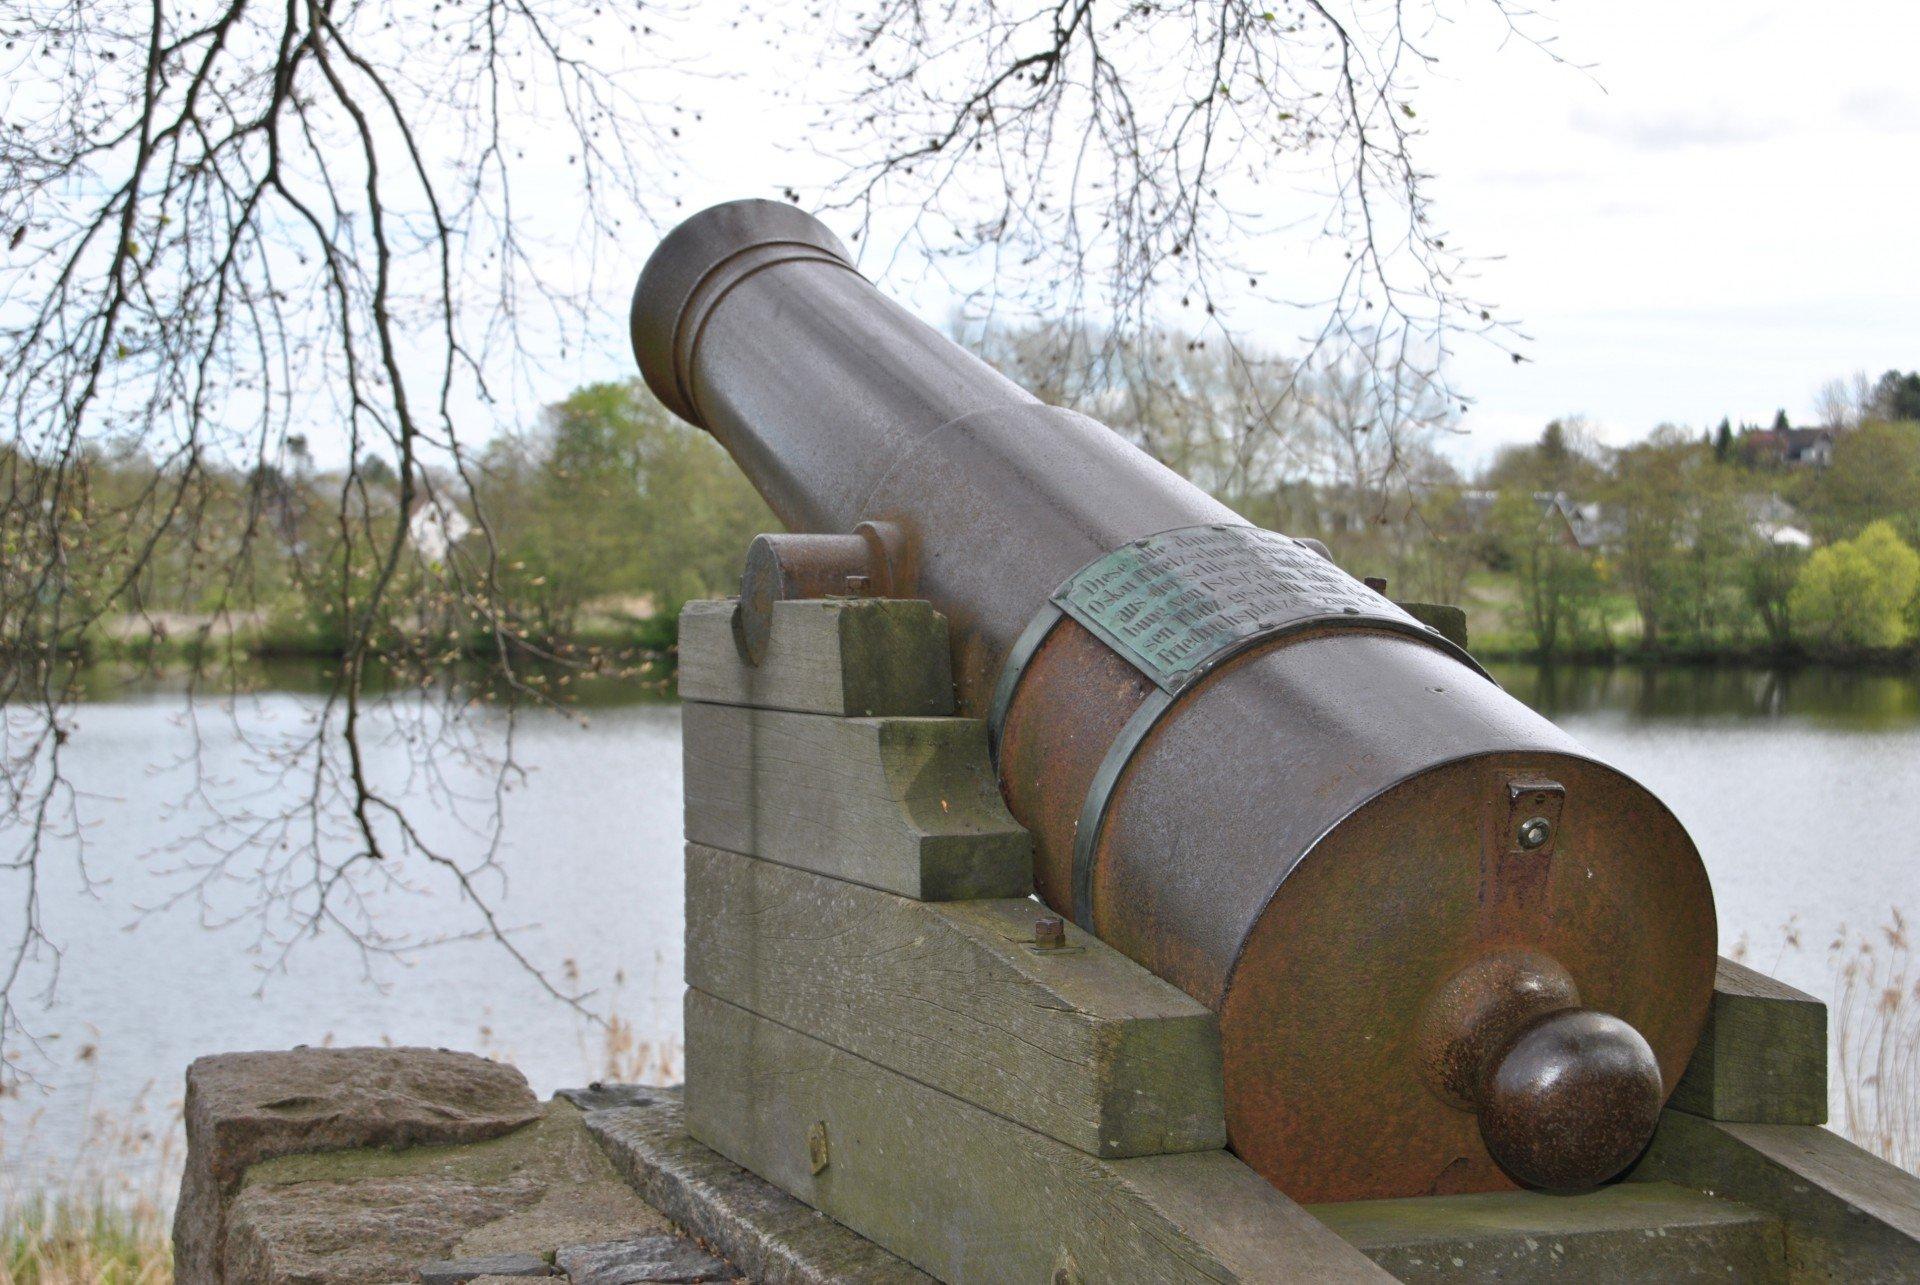 Kanone am Busdorfer Teich in Schleswig